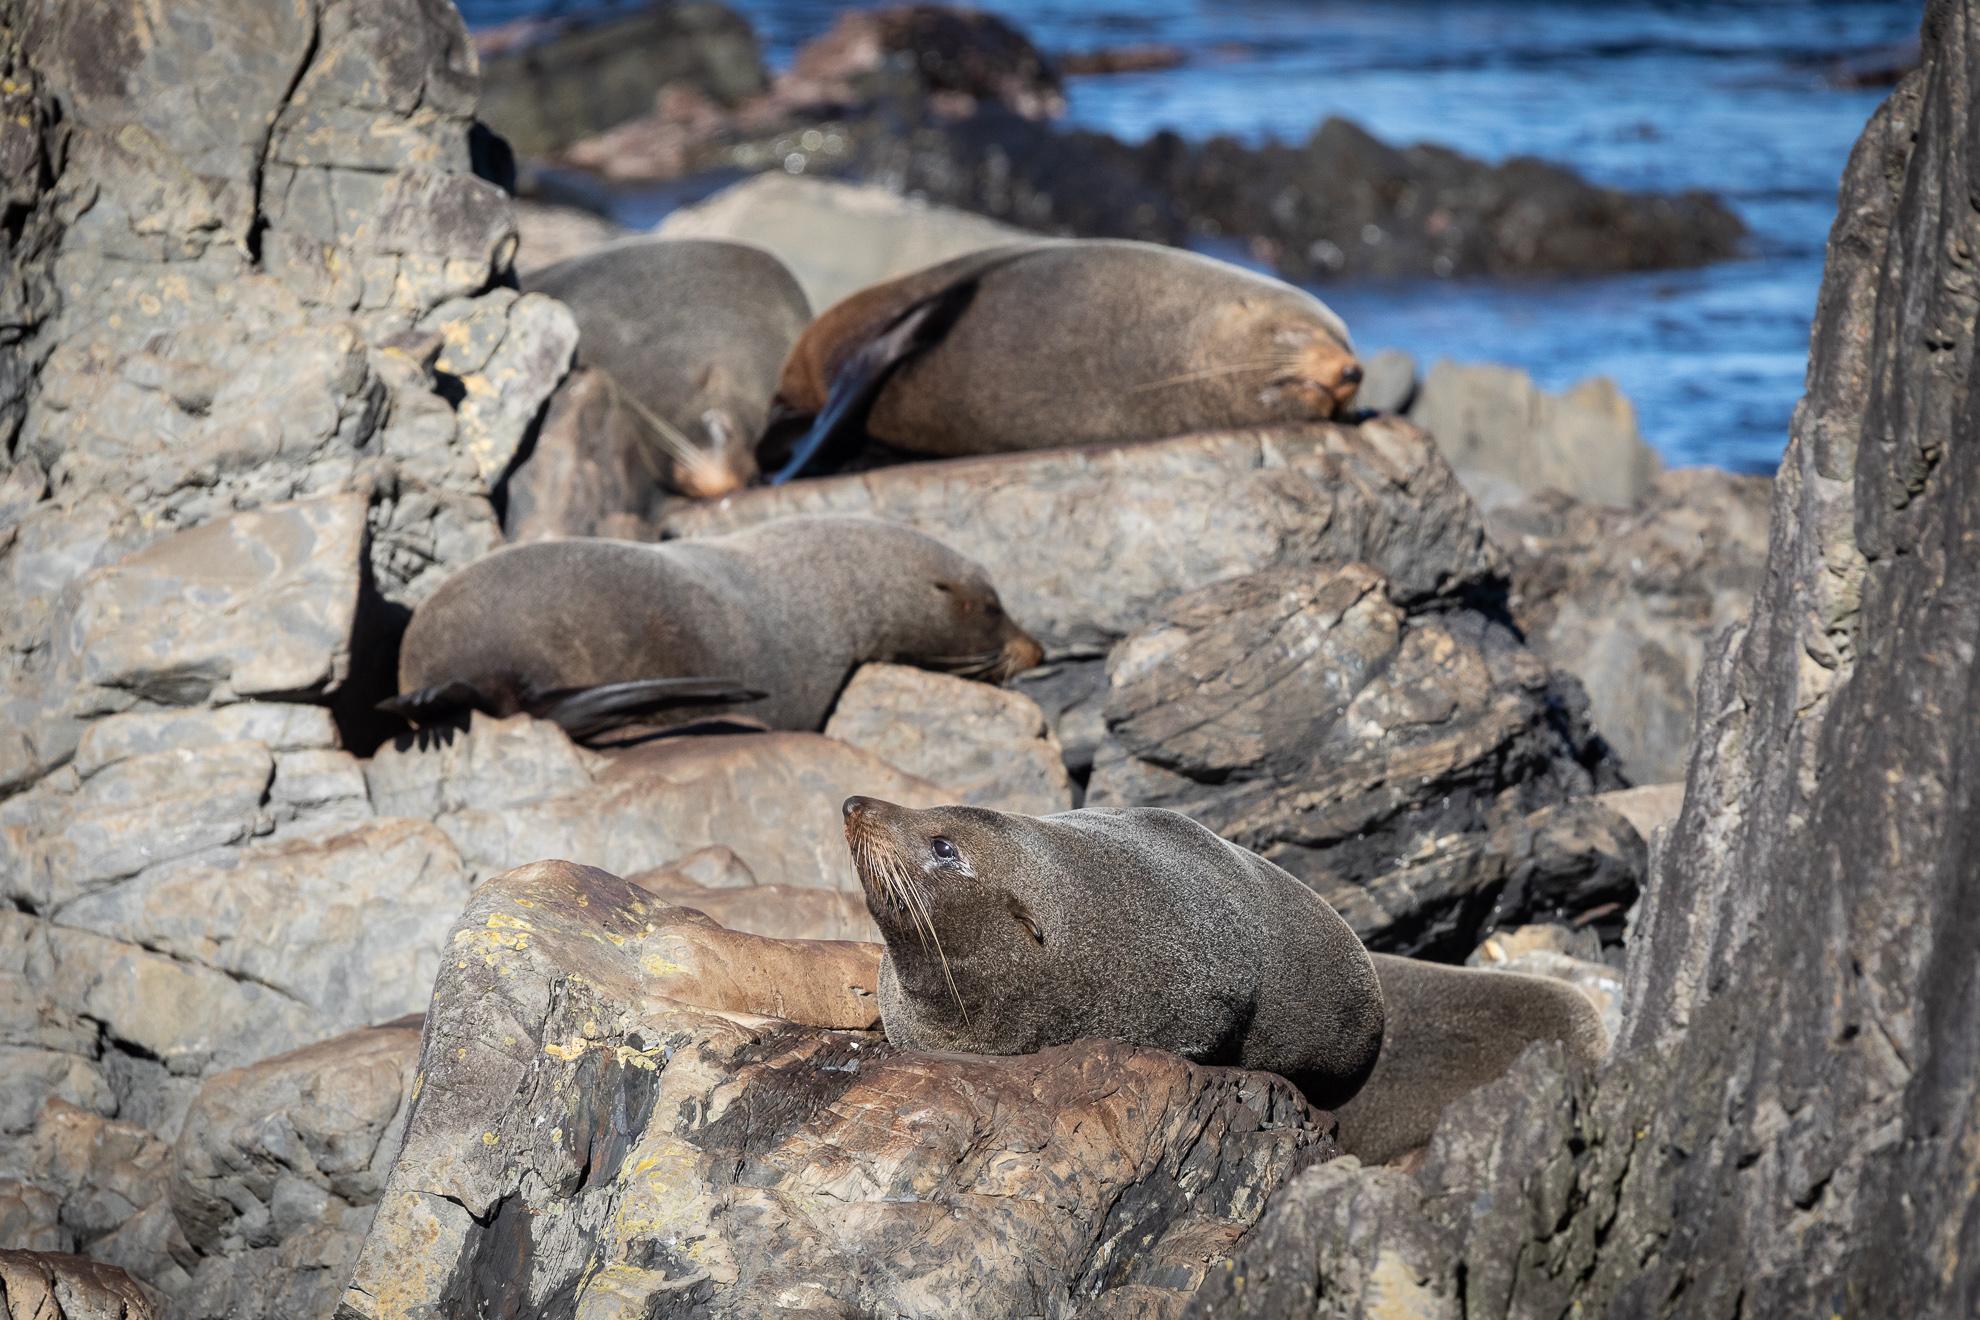 We found the fur seals!